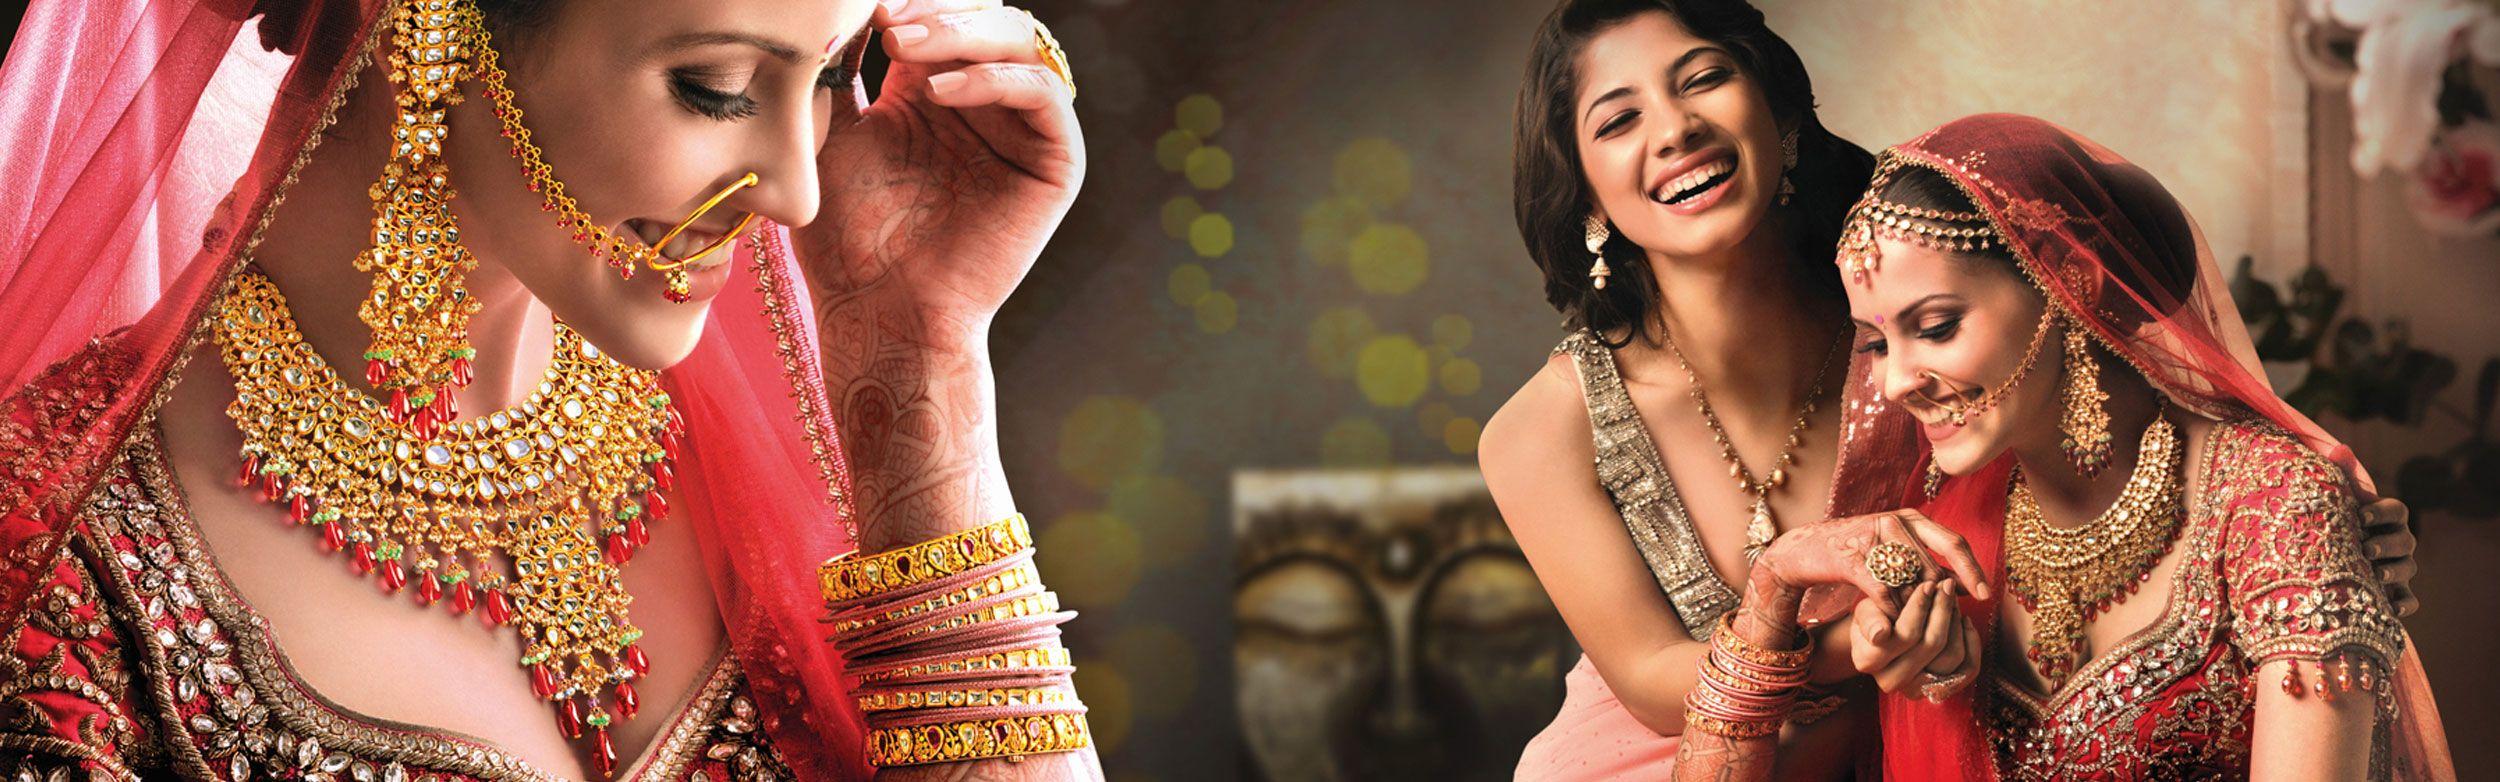 Top 10 Jewellery Shops In Mumbai